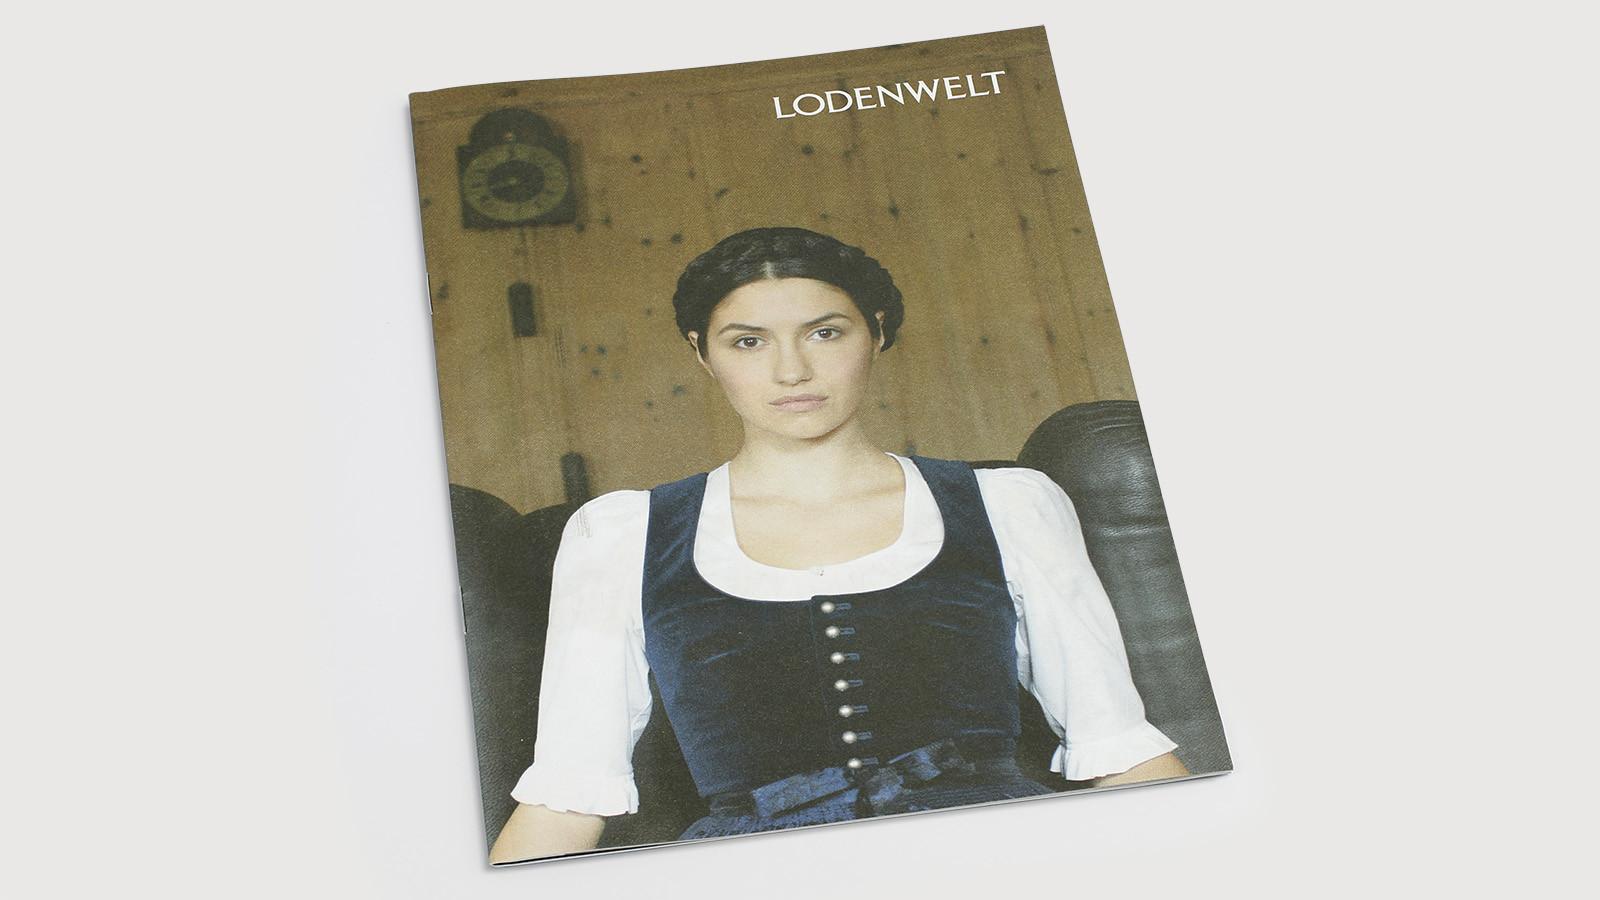 Lodenwelt